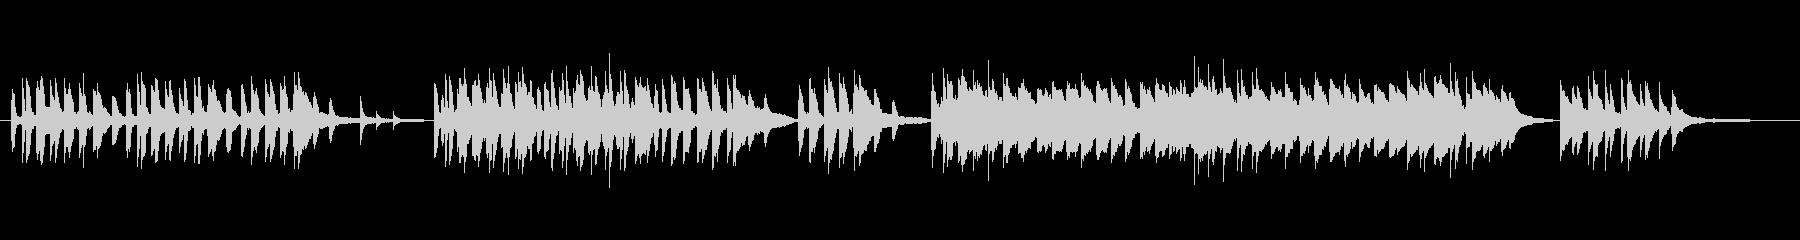 童謡『雨ふり』をピアノソロでの未再生の波形